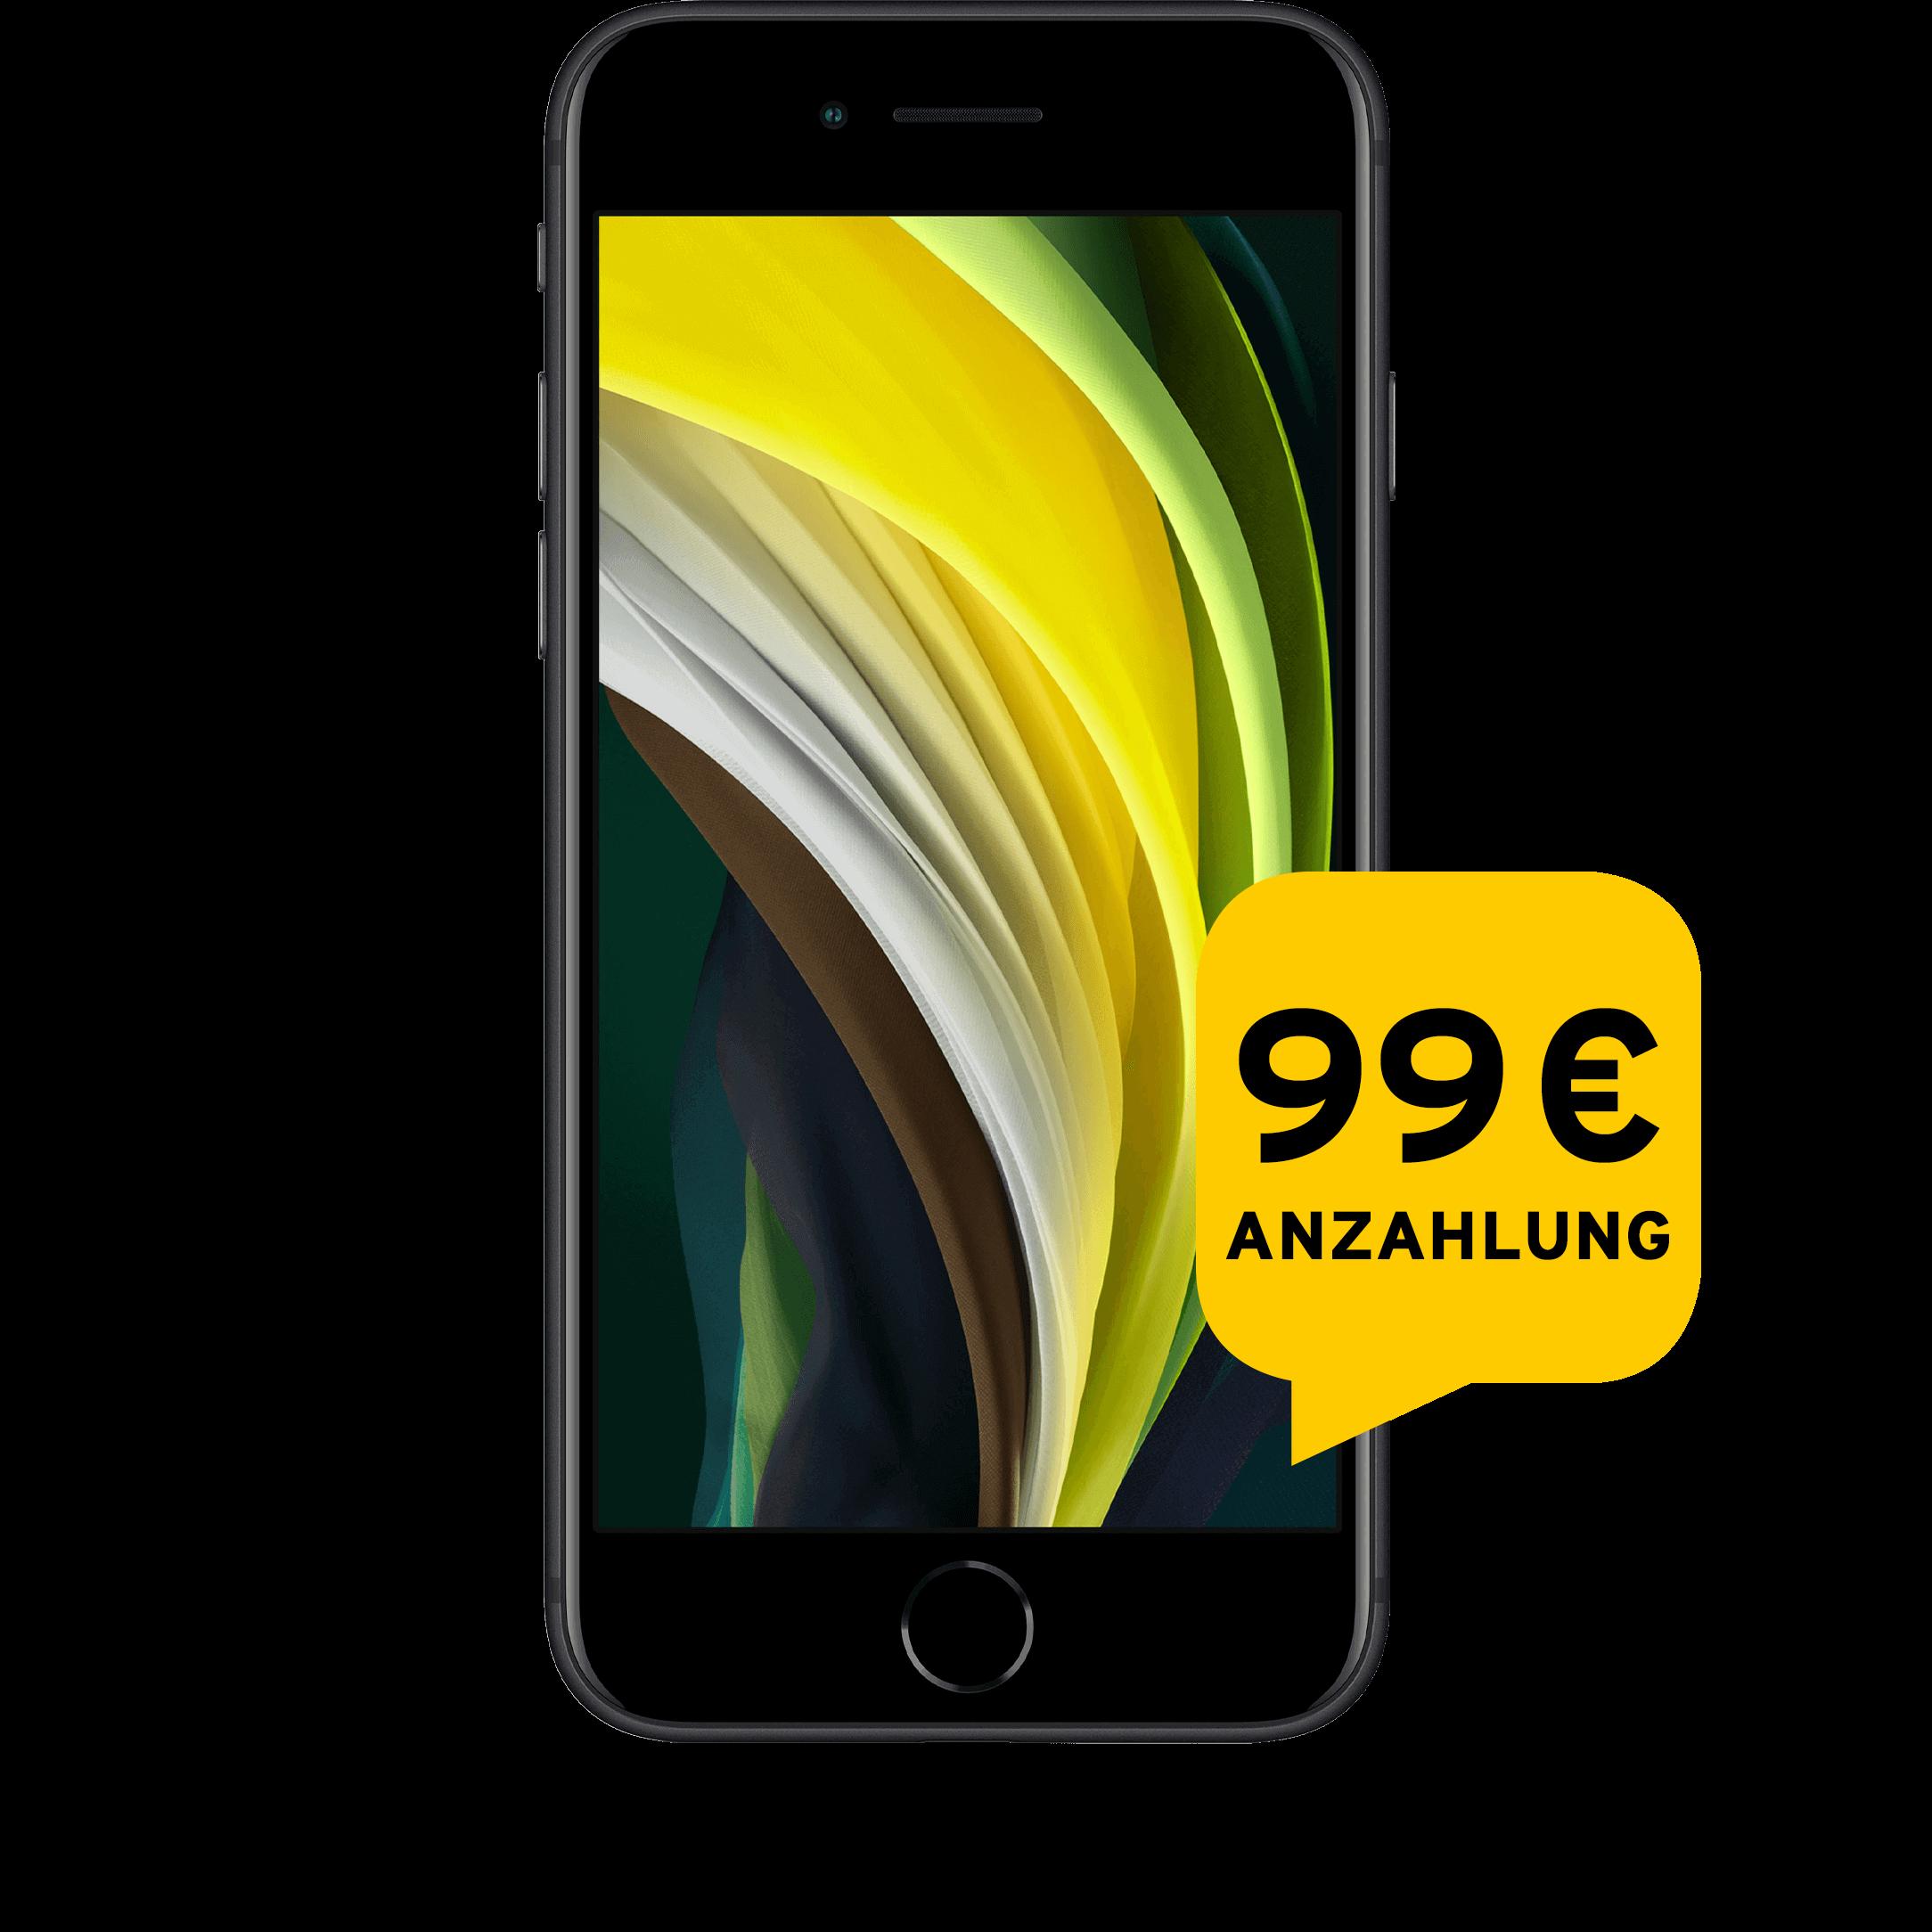 Günstig Kaufen beim Preisvergleich-Apple iPhone SE 2020 128 GB schwarz Aktion mit Allnet Flat Plus